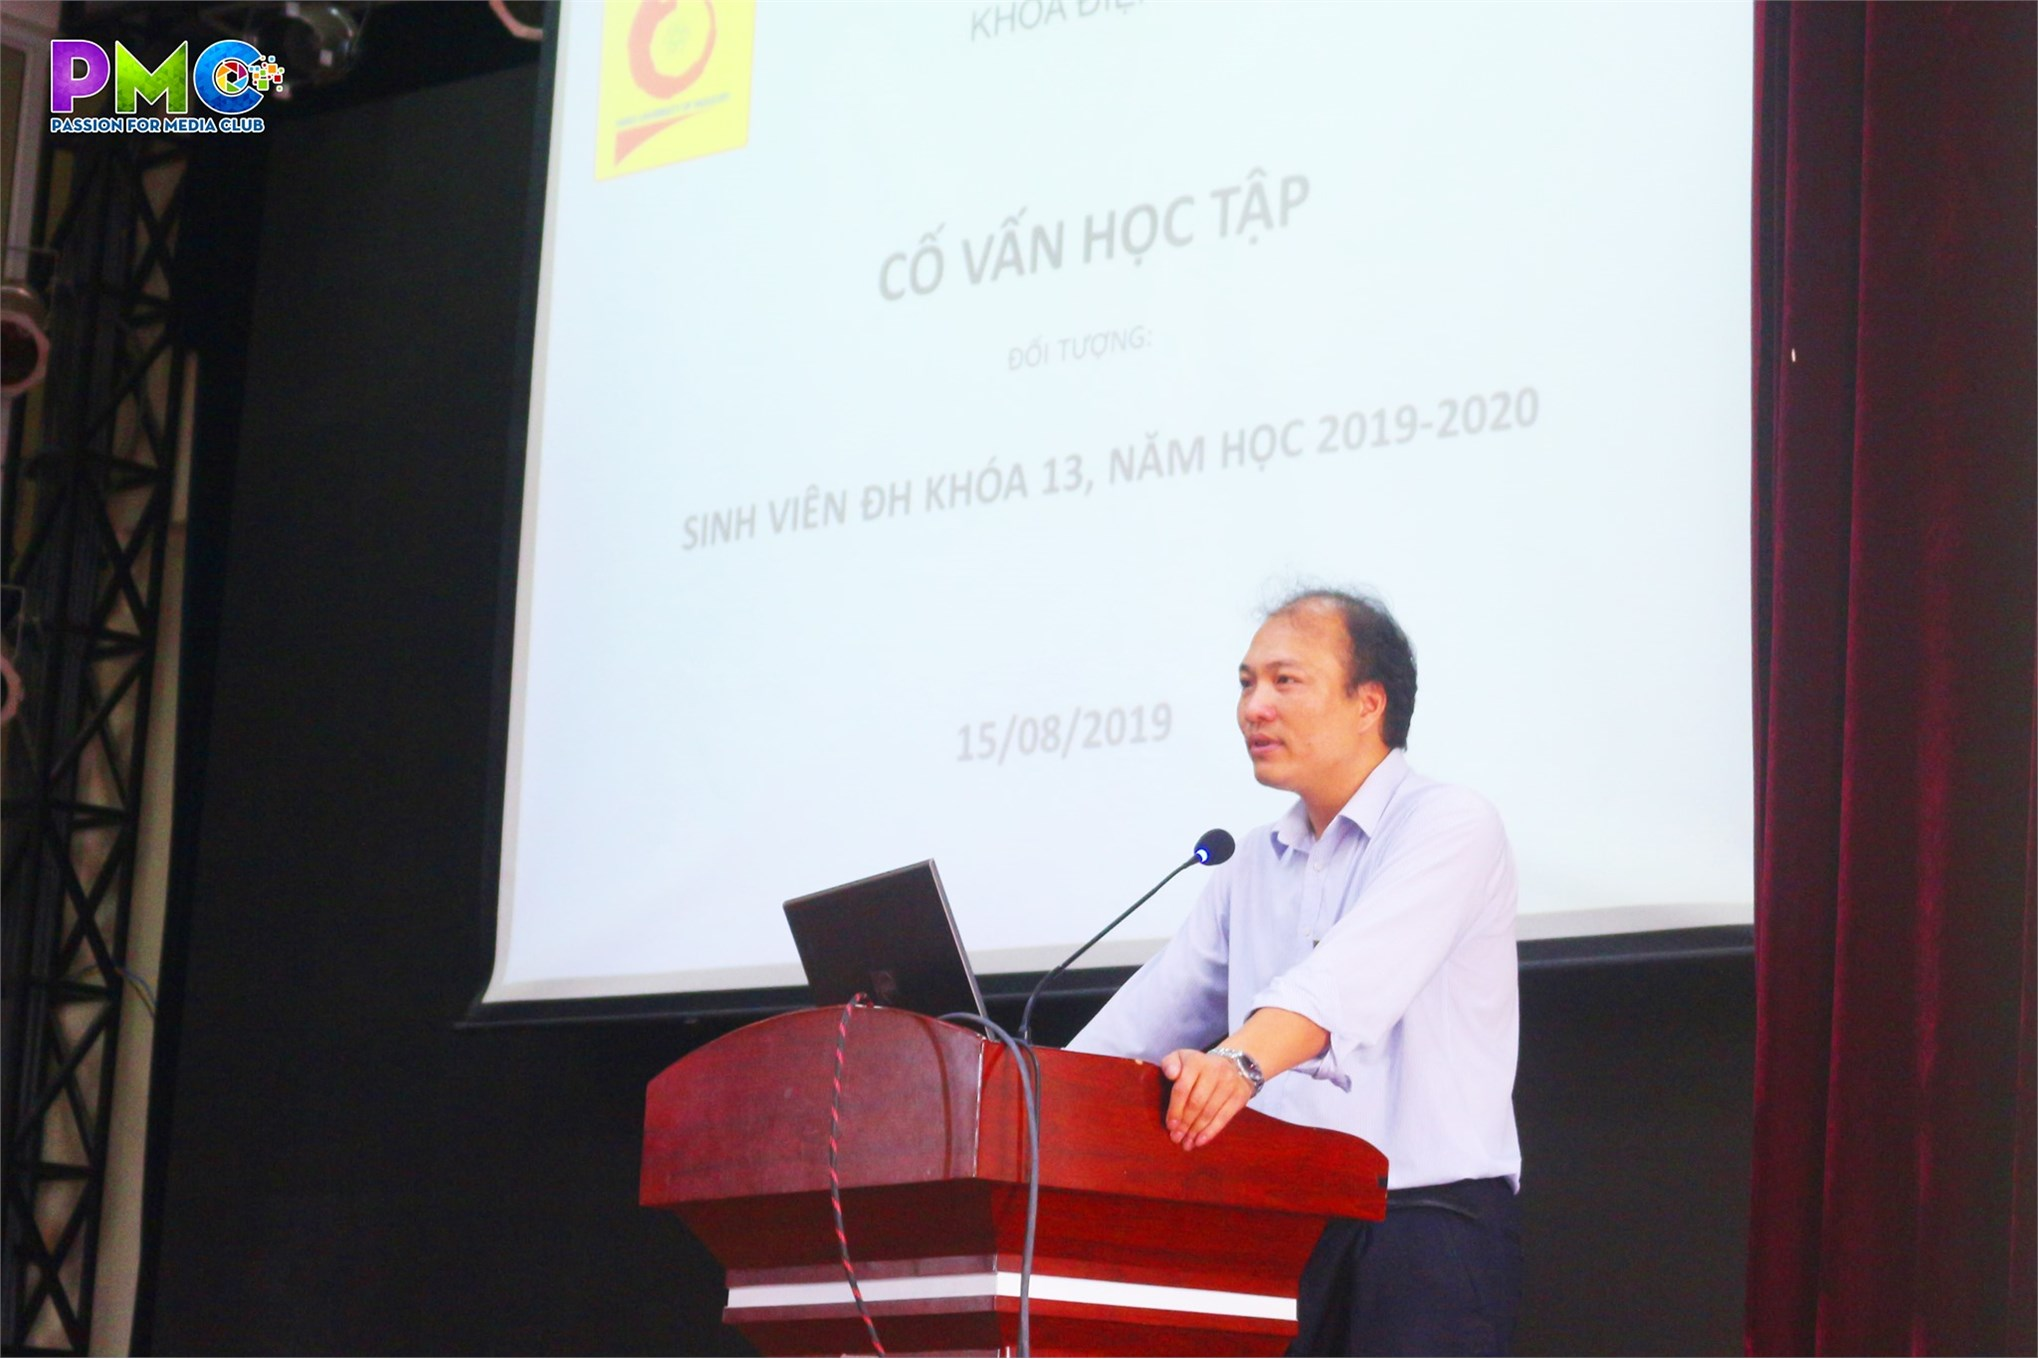 Đón sinh viên khóa 13 trở về Hà Nội và cố vấn đầu năm học 2019 - 2020